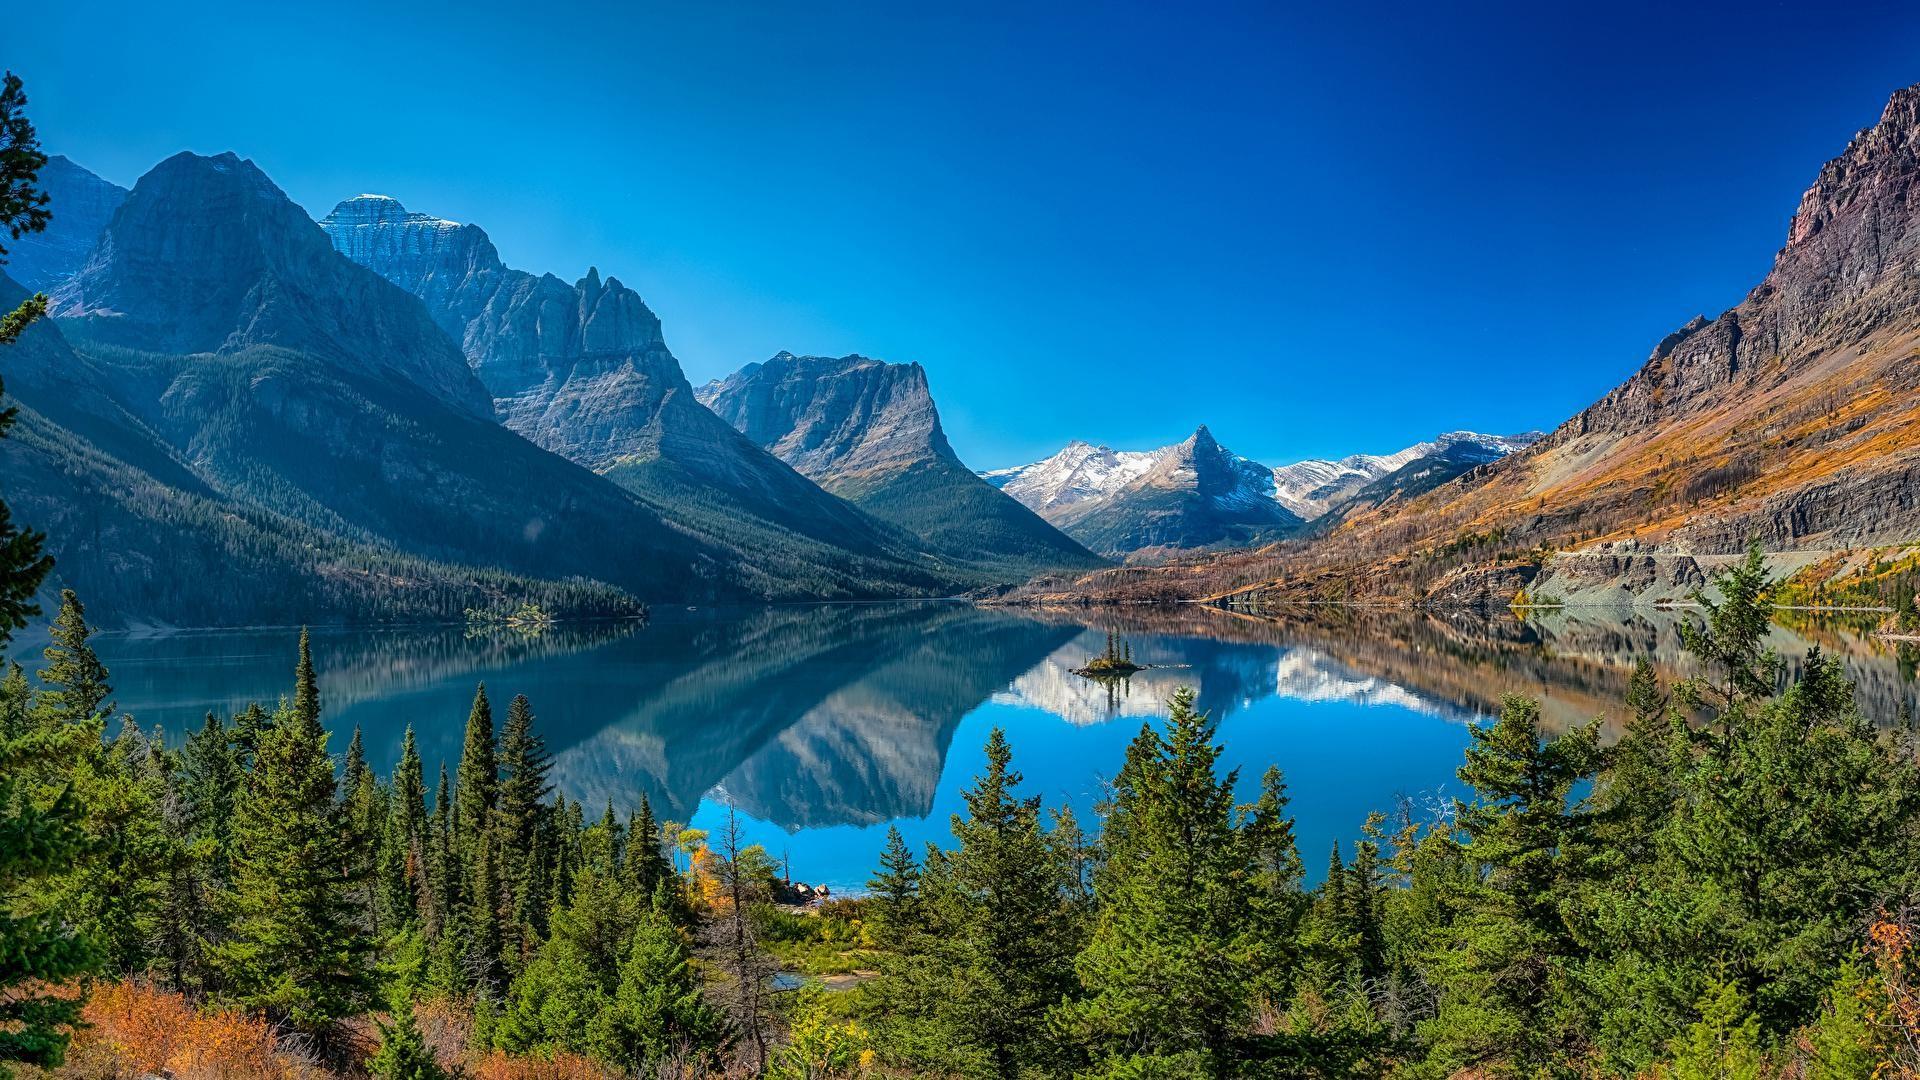 Res: 1920x1080, glacier national park wallpaper #552220